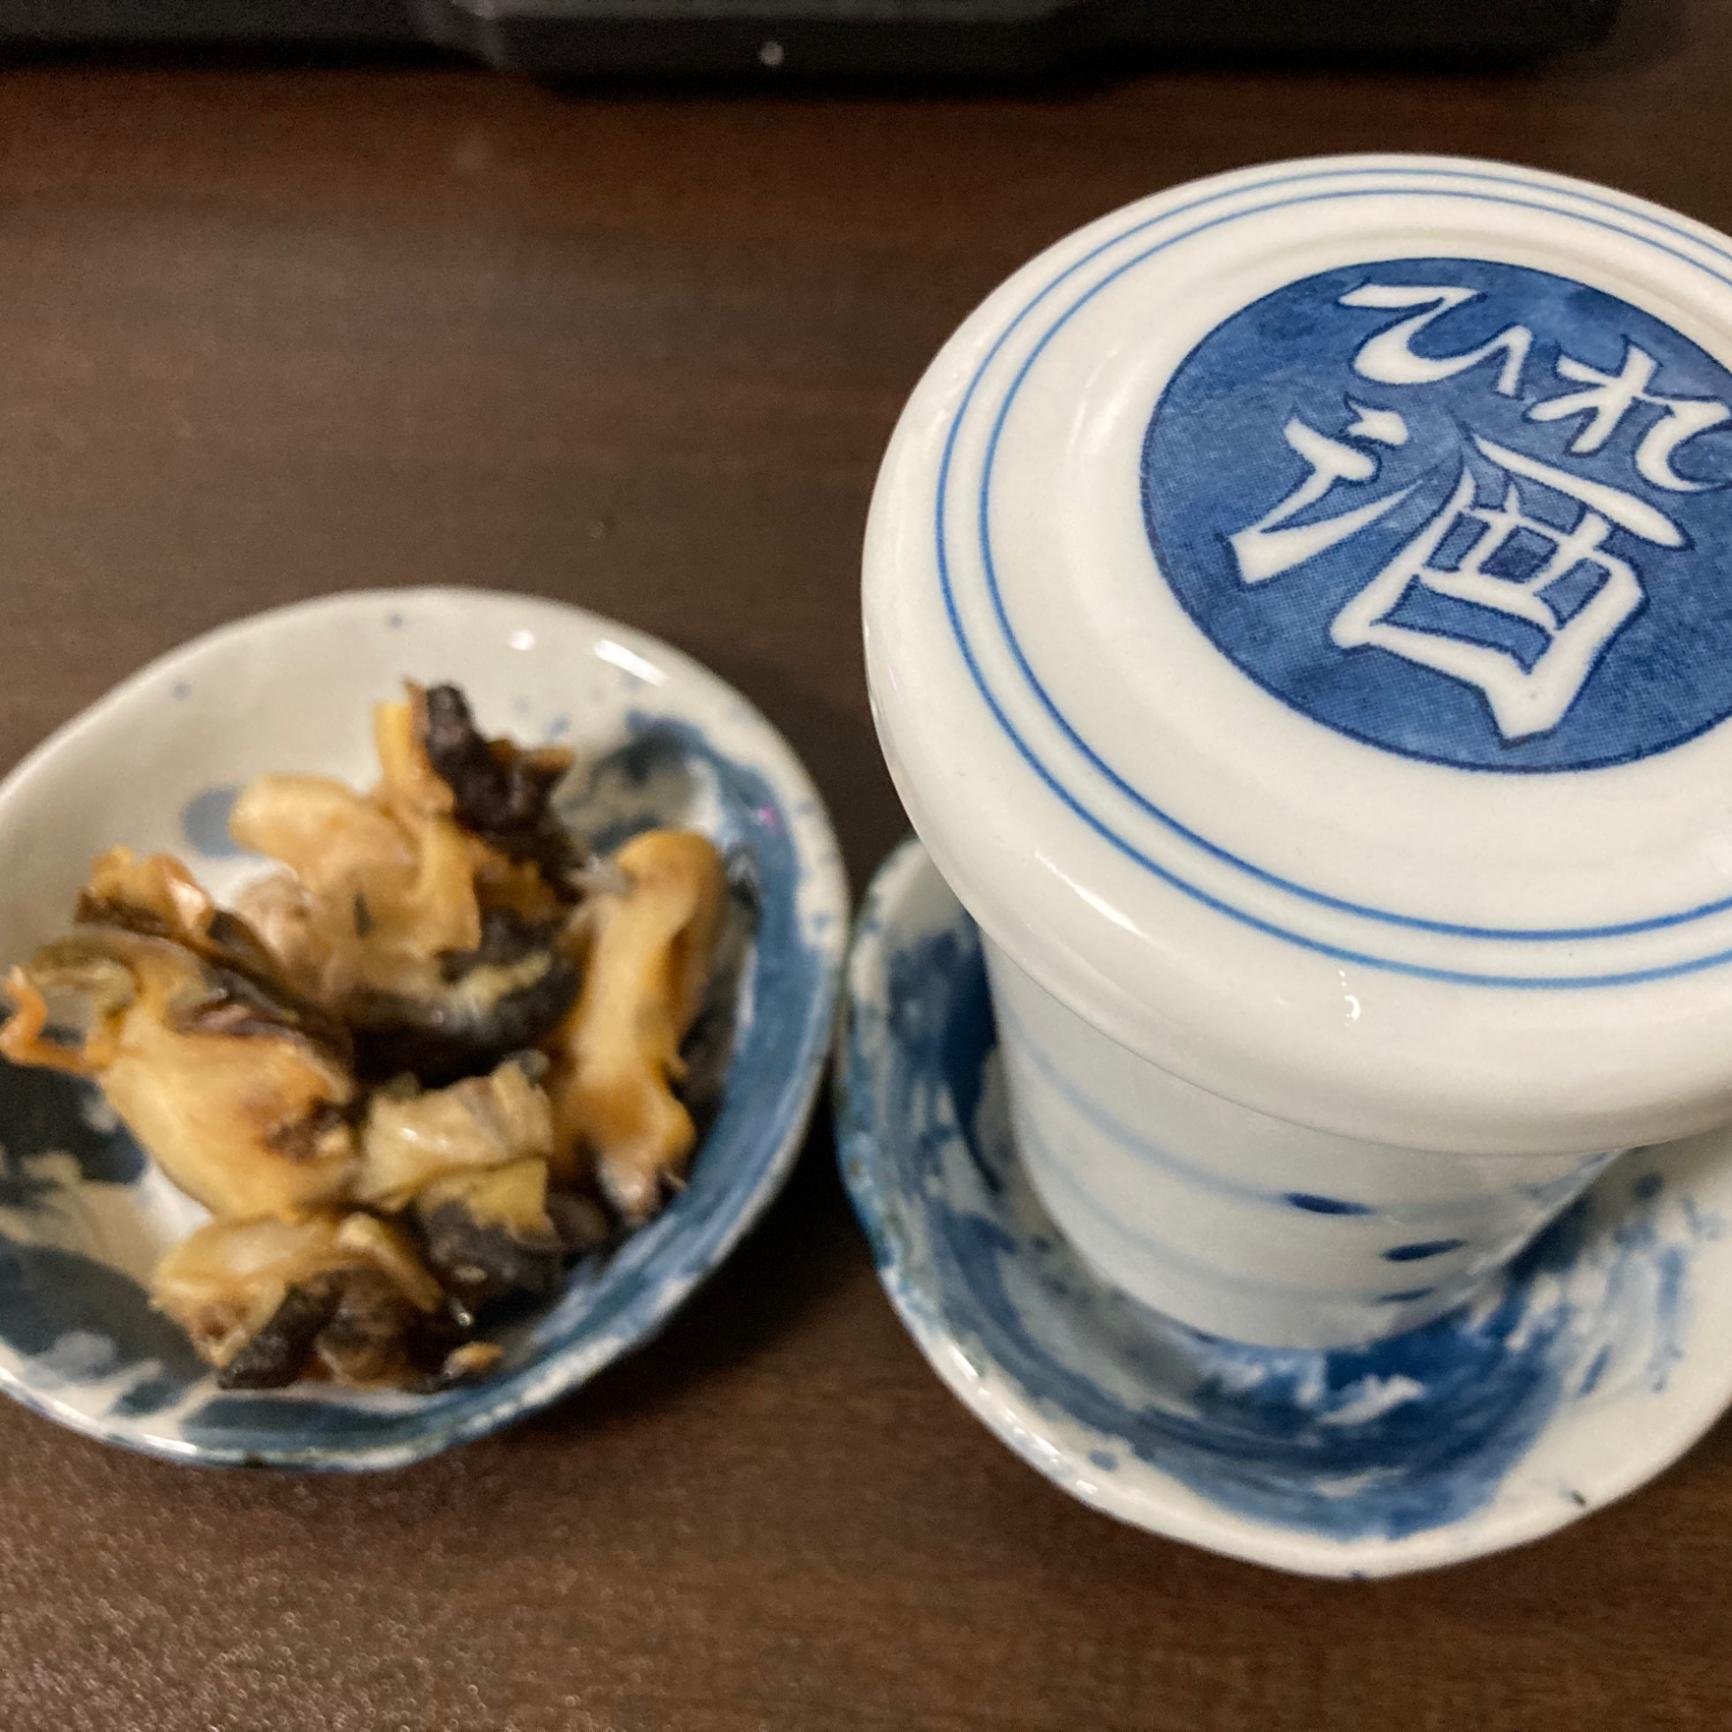 1000円 おつまみ 送料無料 北海道産 おつまみつぶ貝 130g ROOM - 欲しい! に出会える。